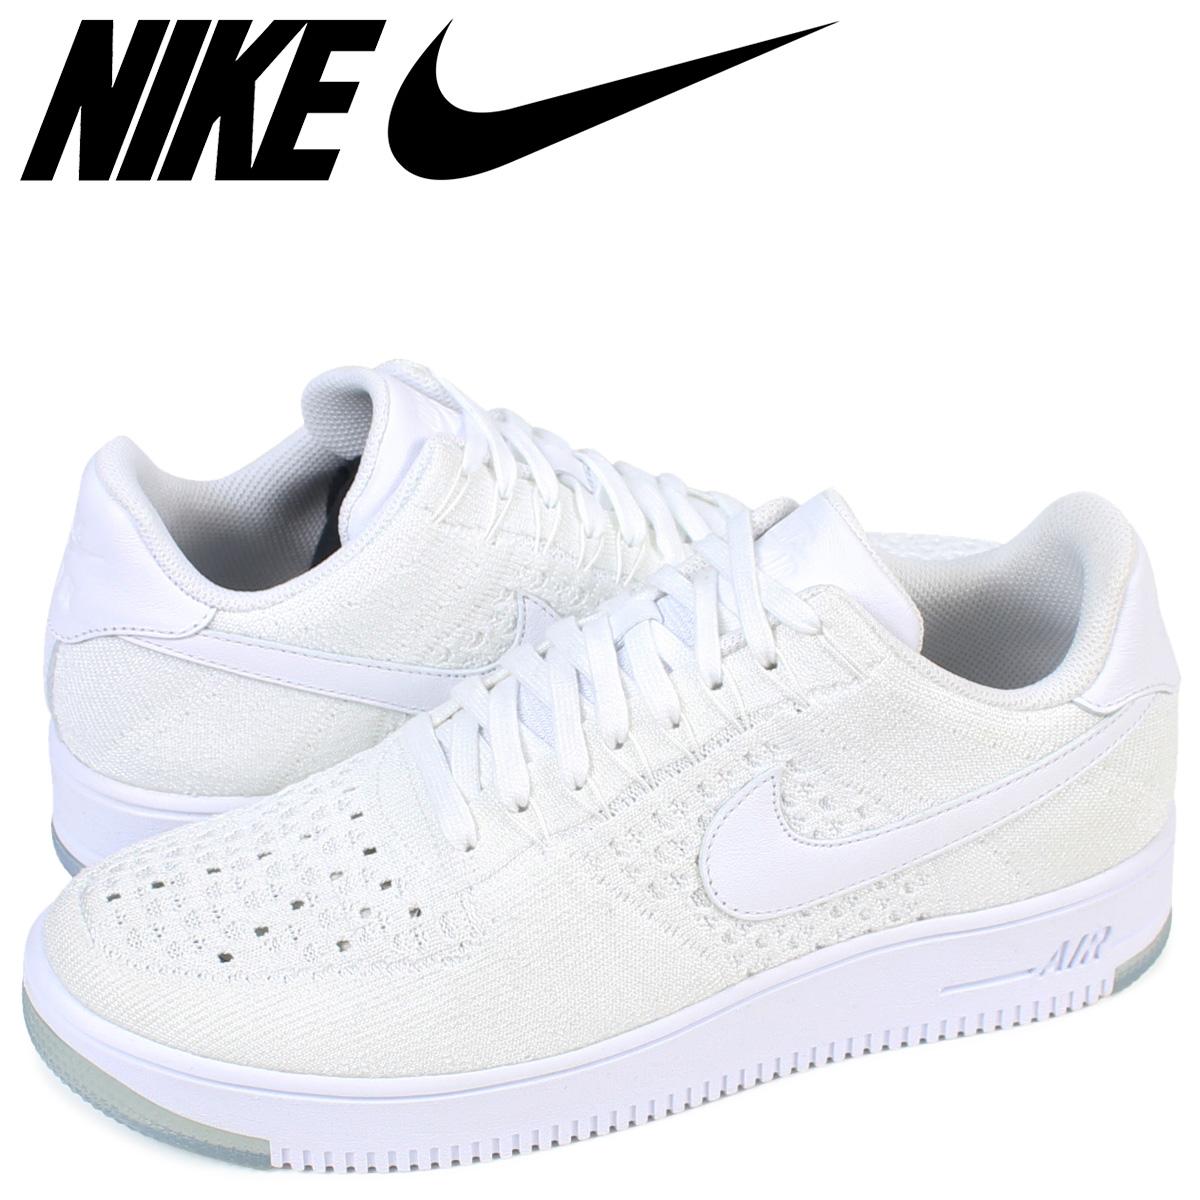 Fly Knit Force ShopNike Online 1 Sneakers Air Sneak ZuTiXOPk